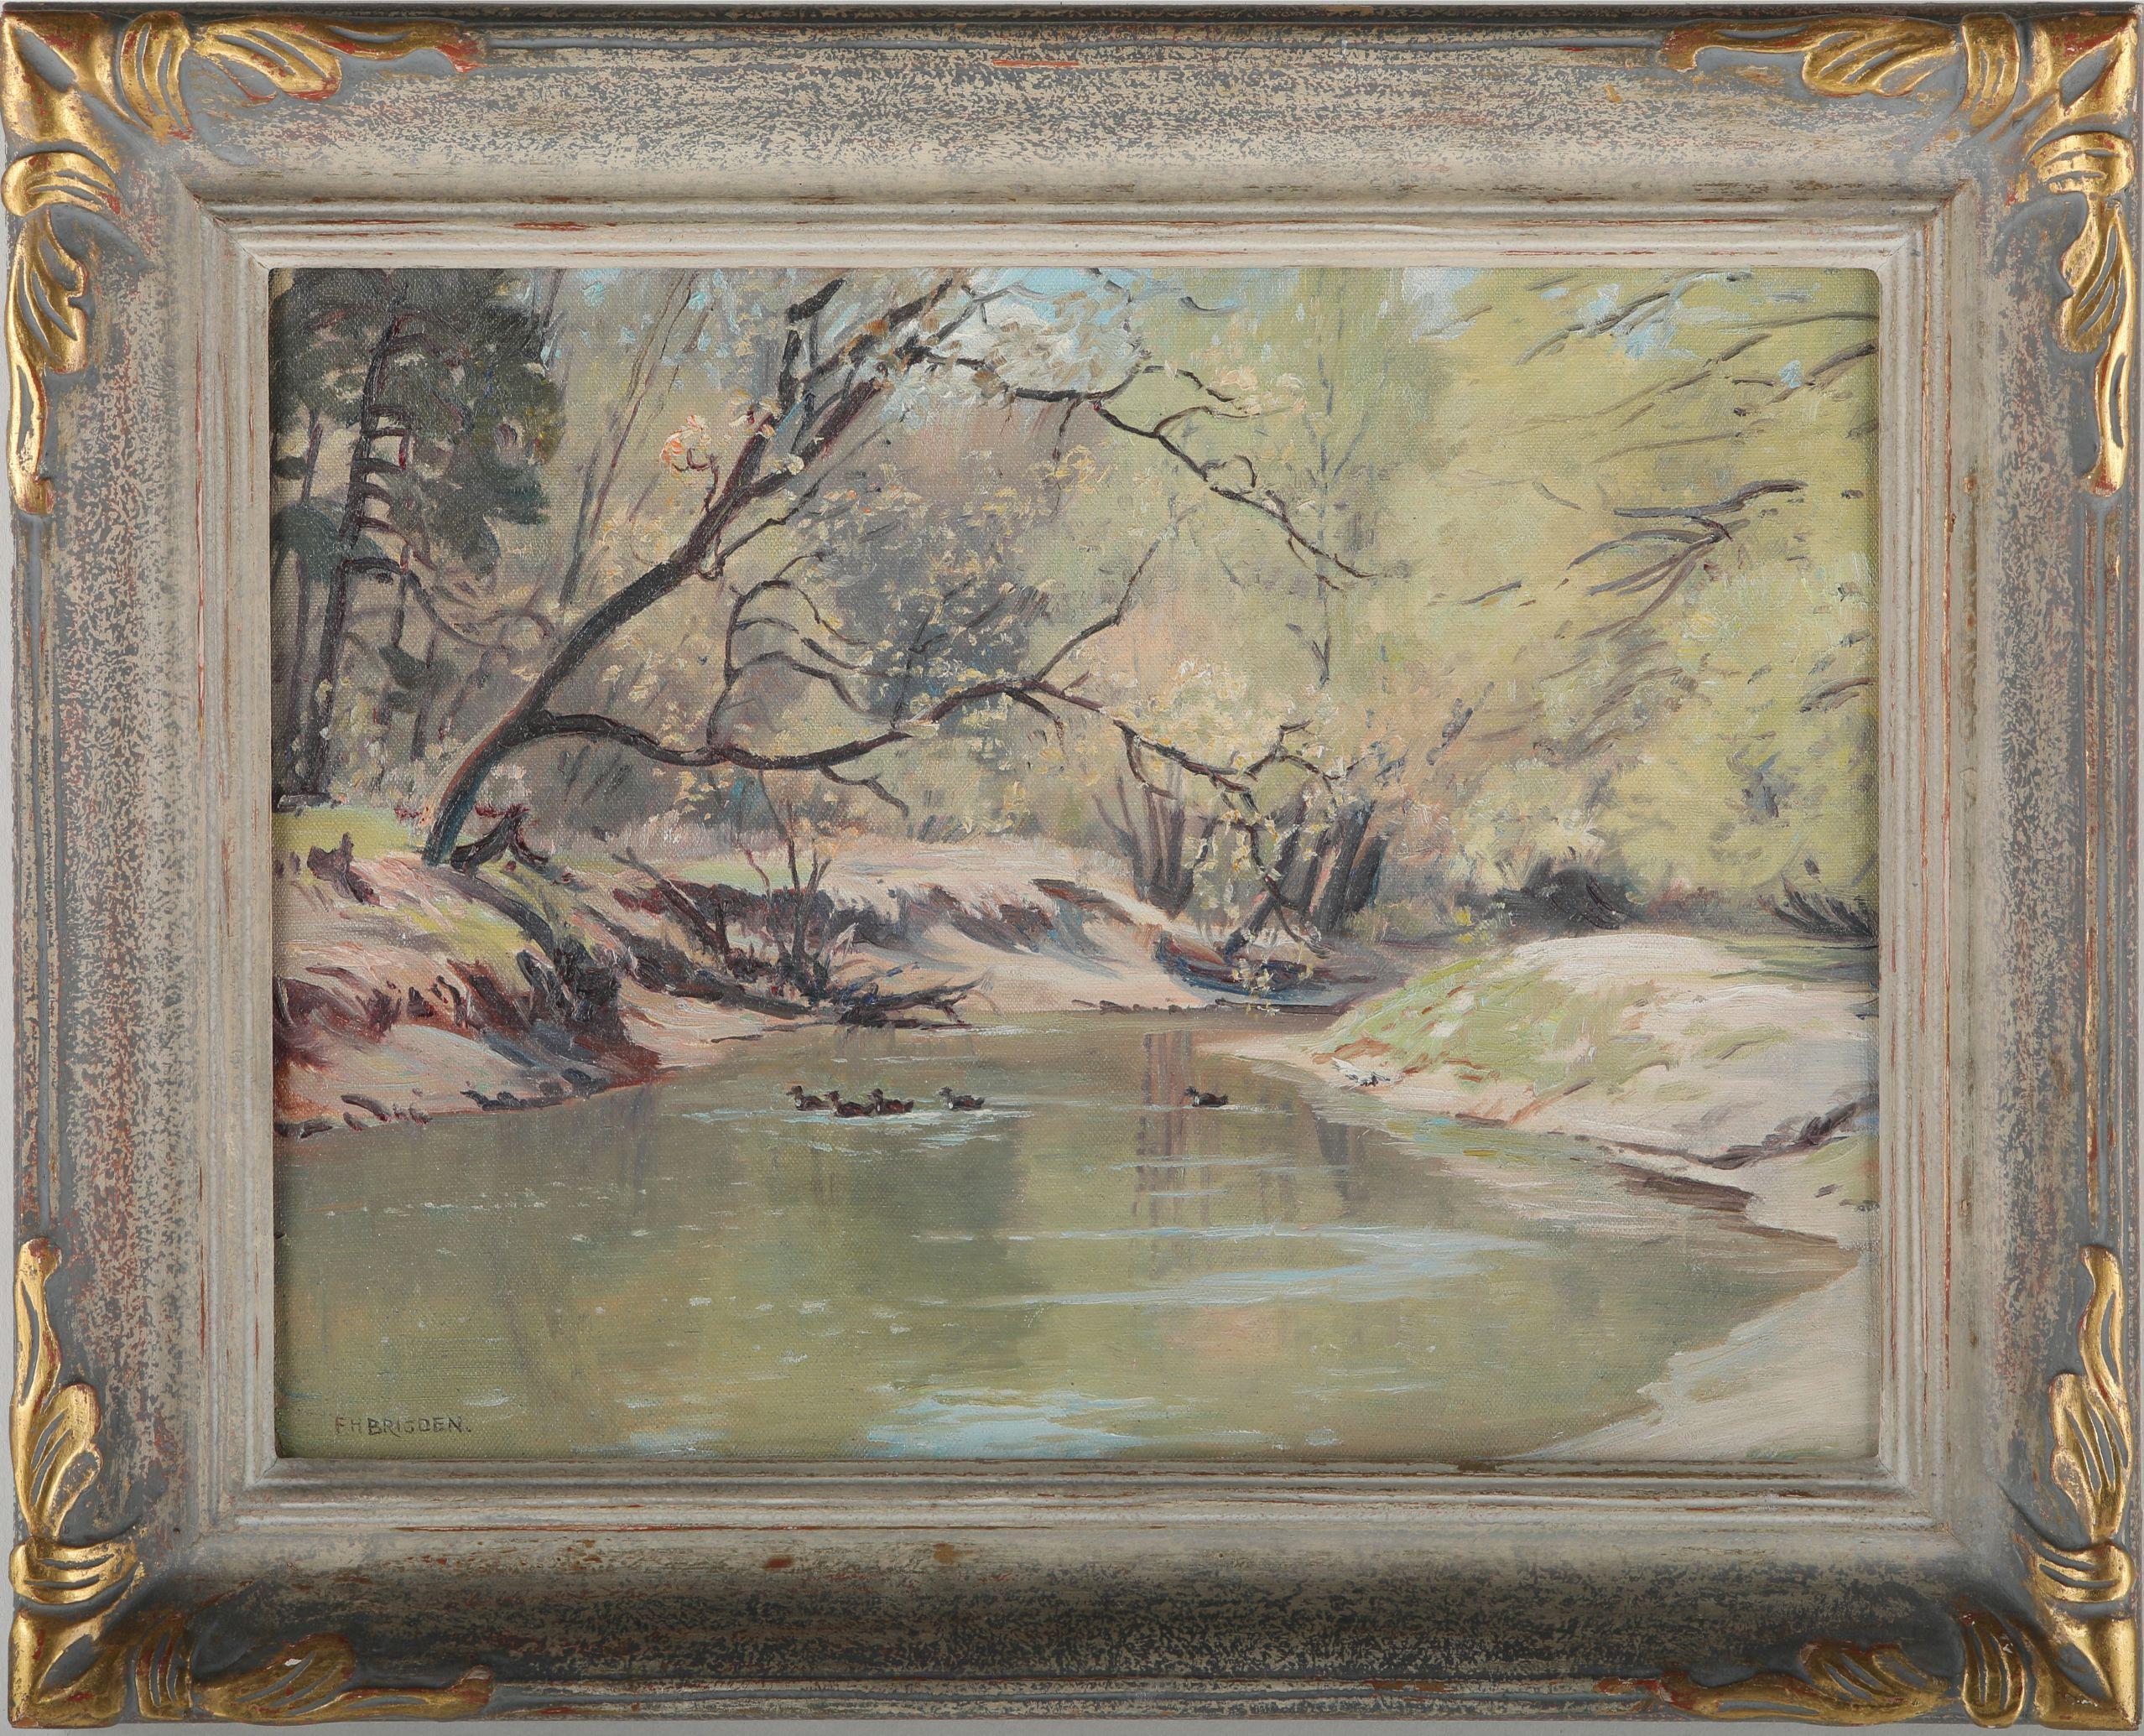 Frederick Henry Brigden Original Painting